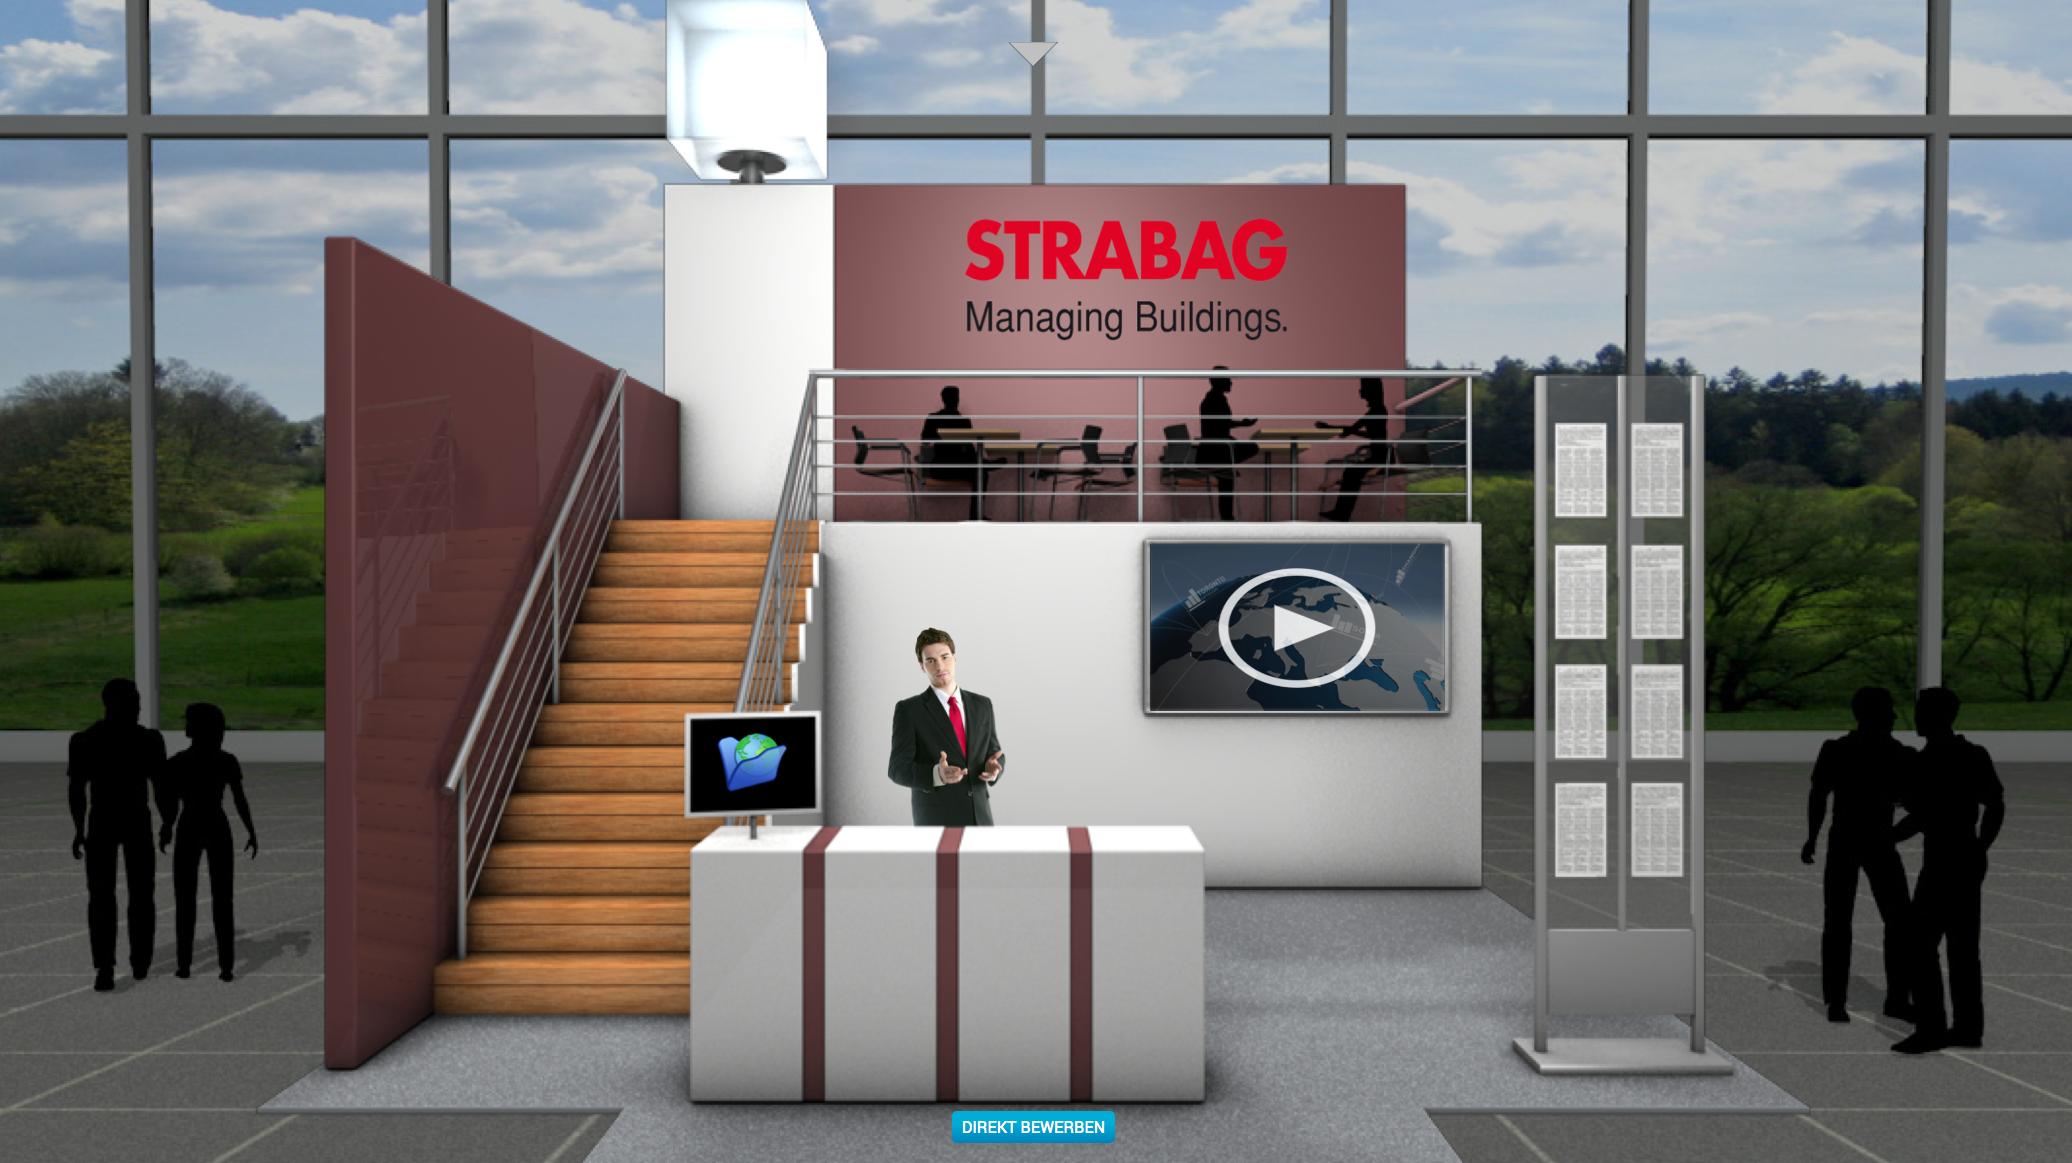 Unternehmensstand des Baukonzerns Strabag auf der Online-Karrieremesse.